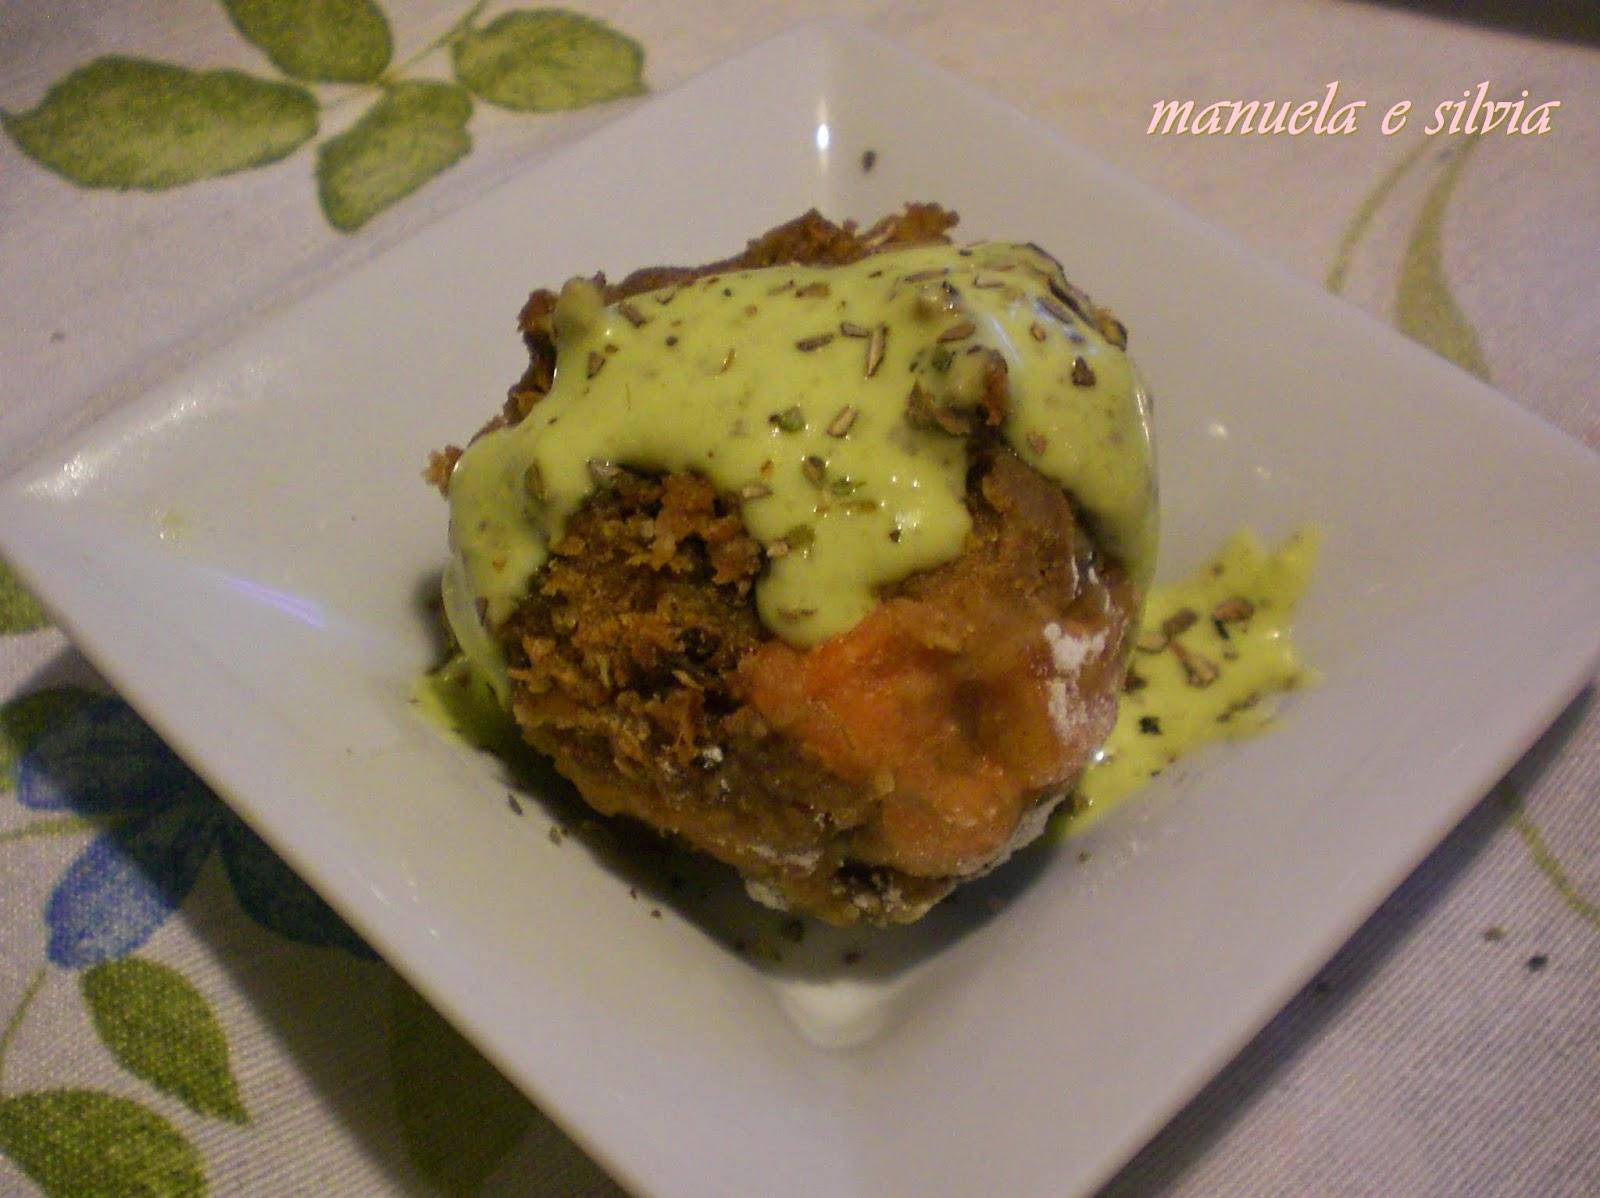 canederli di segale e salmone affumicato con crema di panna al pesto di basilico